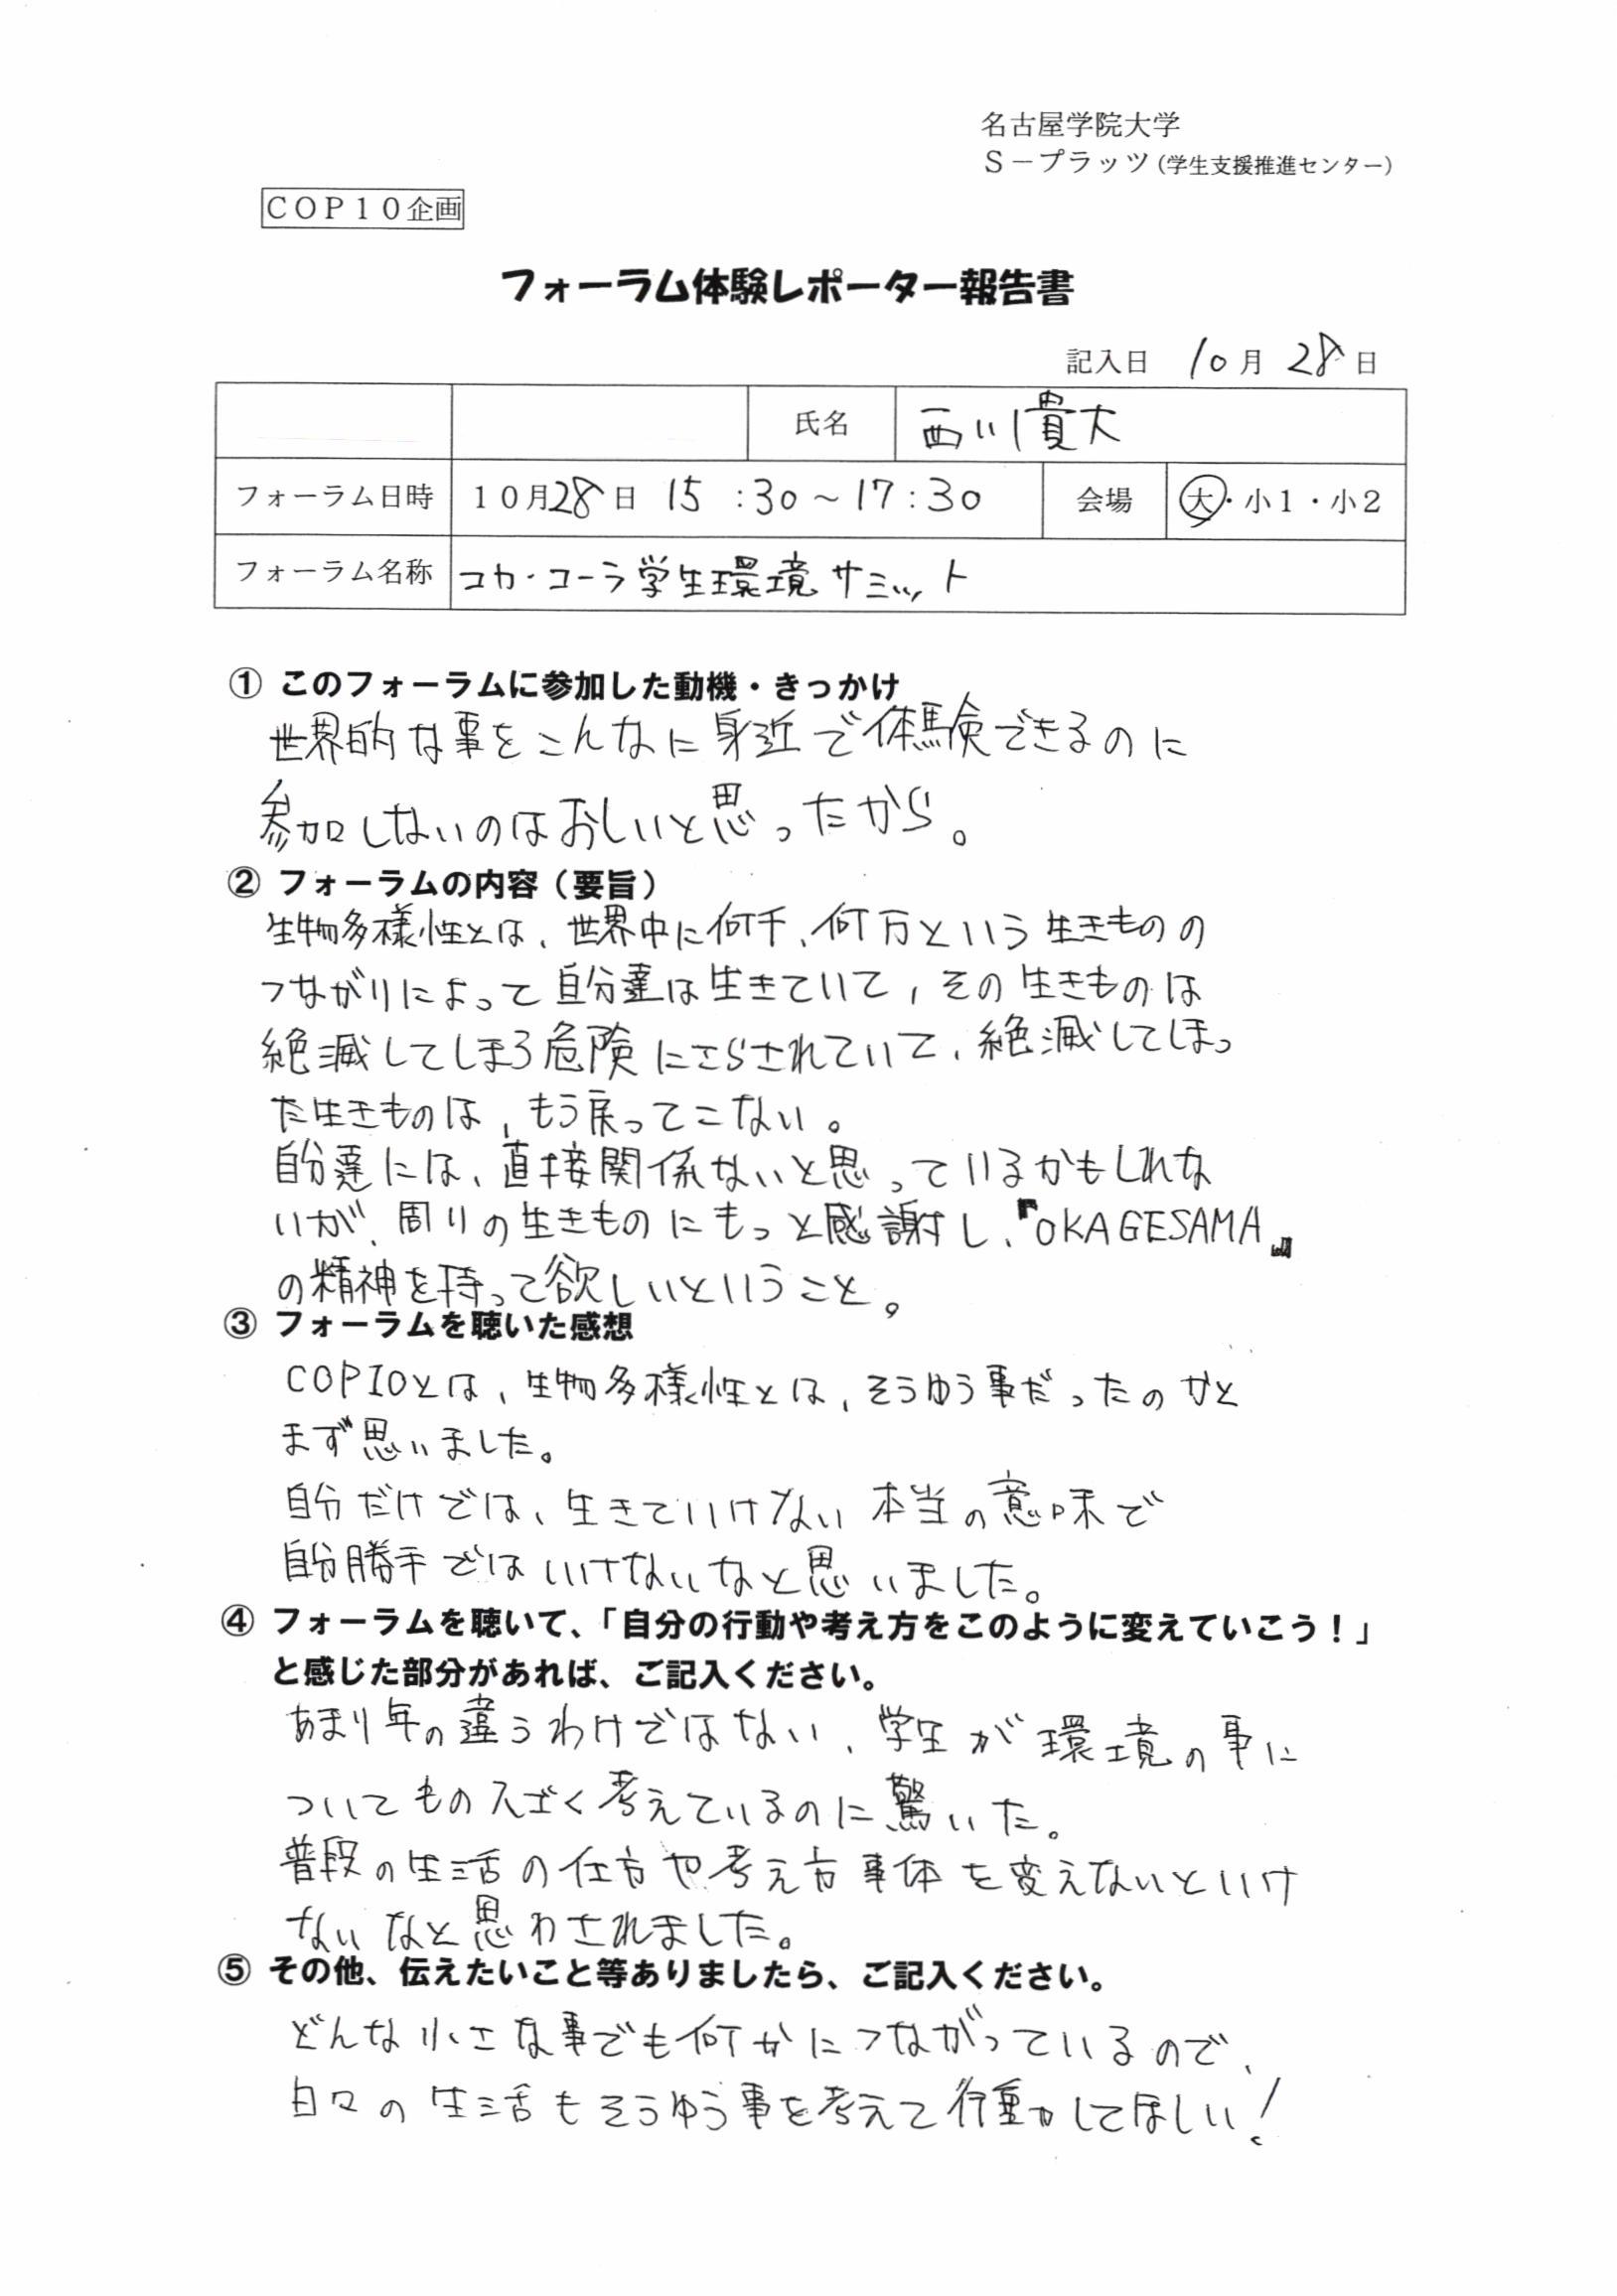 フォーラム体験レポーター報告西川